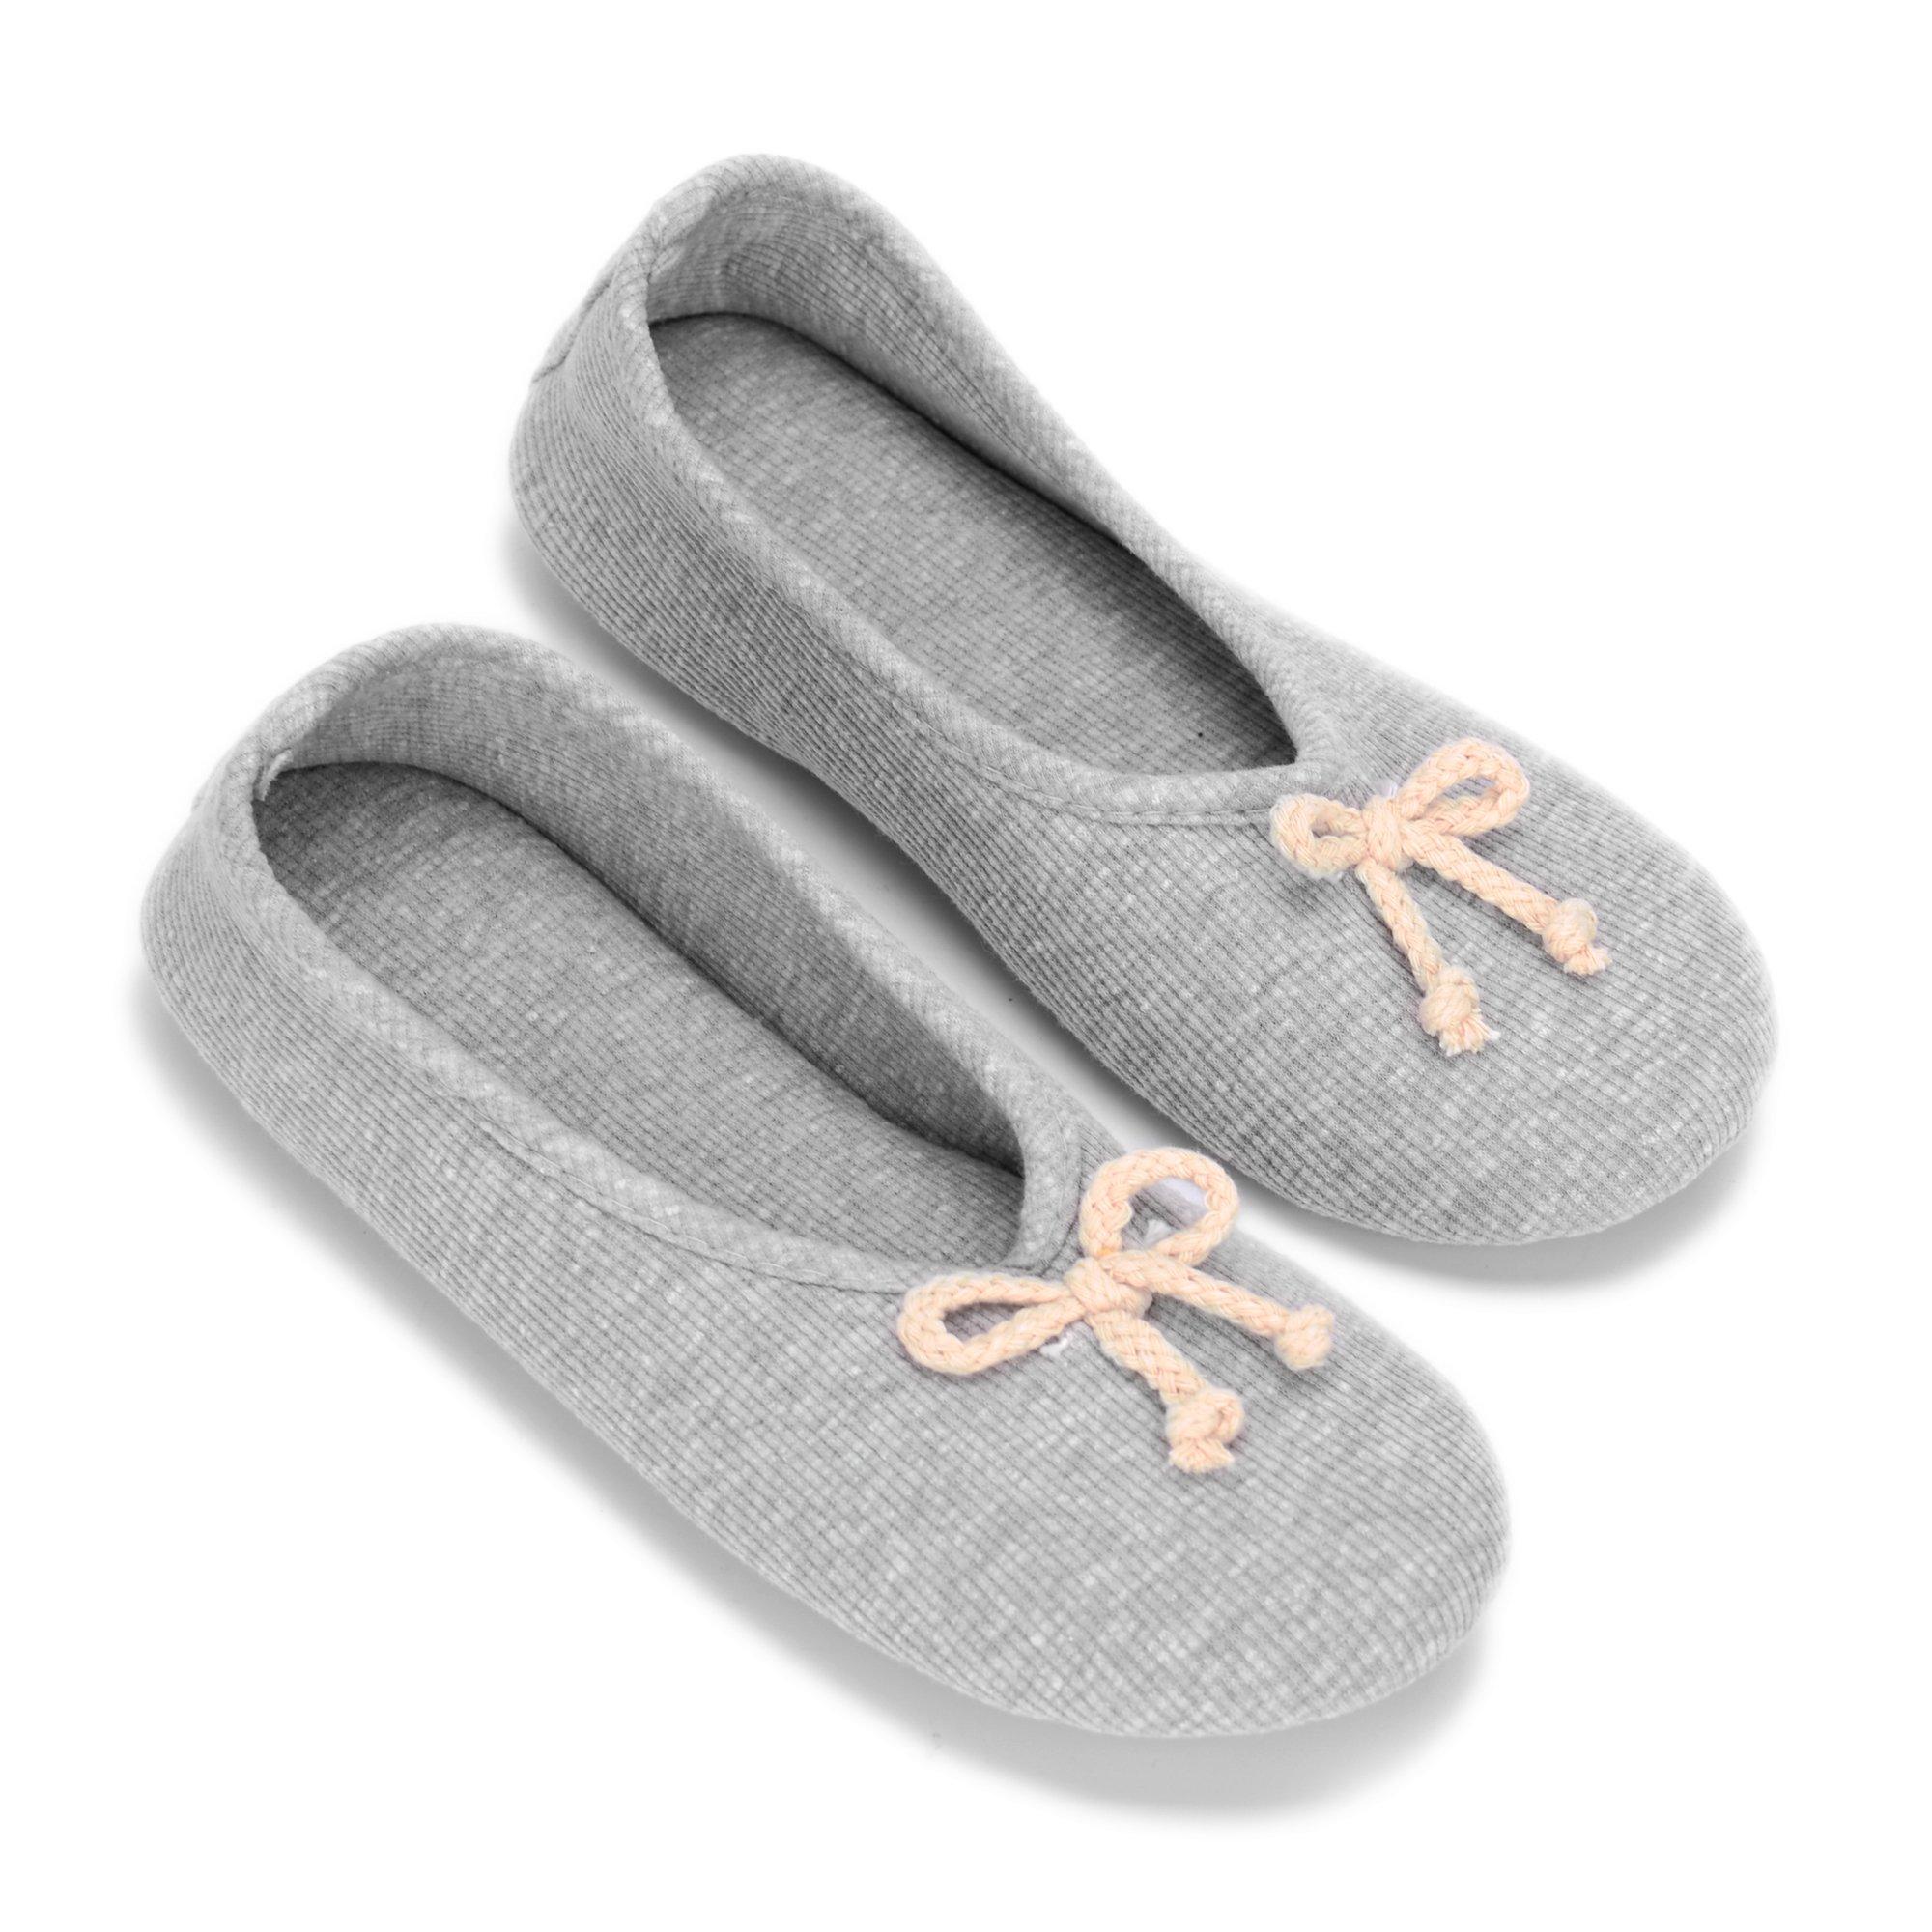 12Vmonster Women's Comfortable Maternity Ballet Slippers Ballerina Slip On (Grey, Medium)